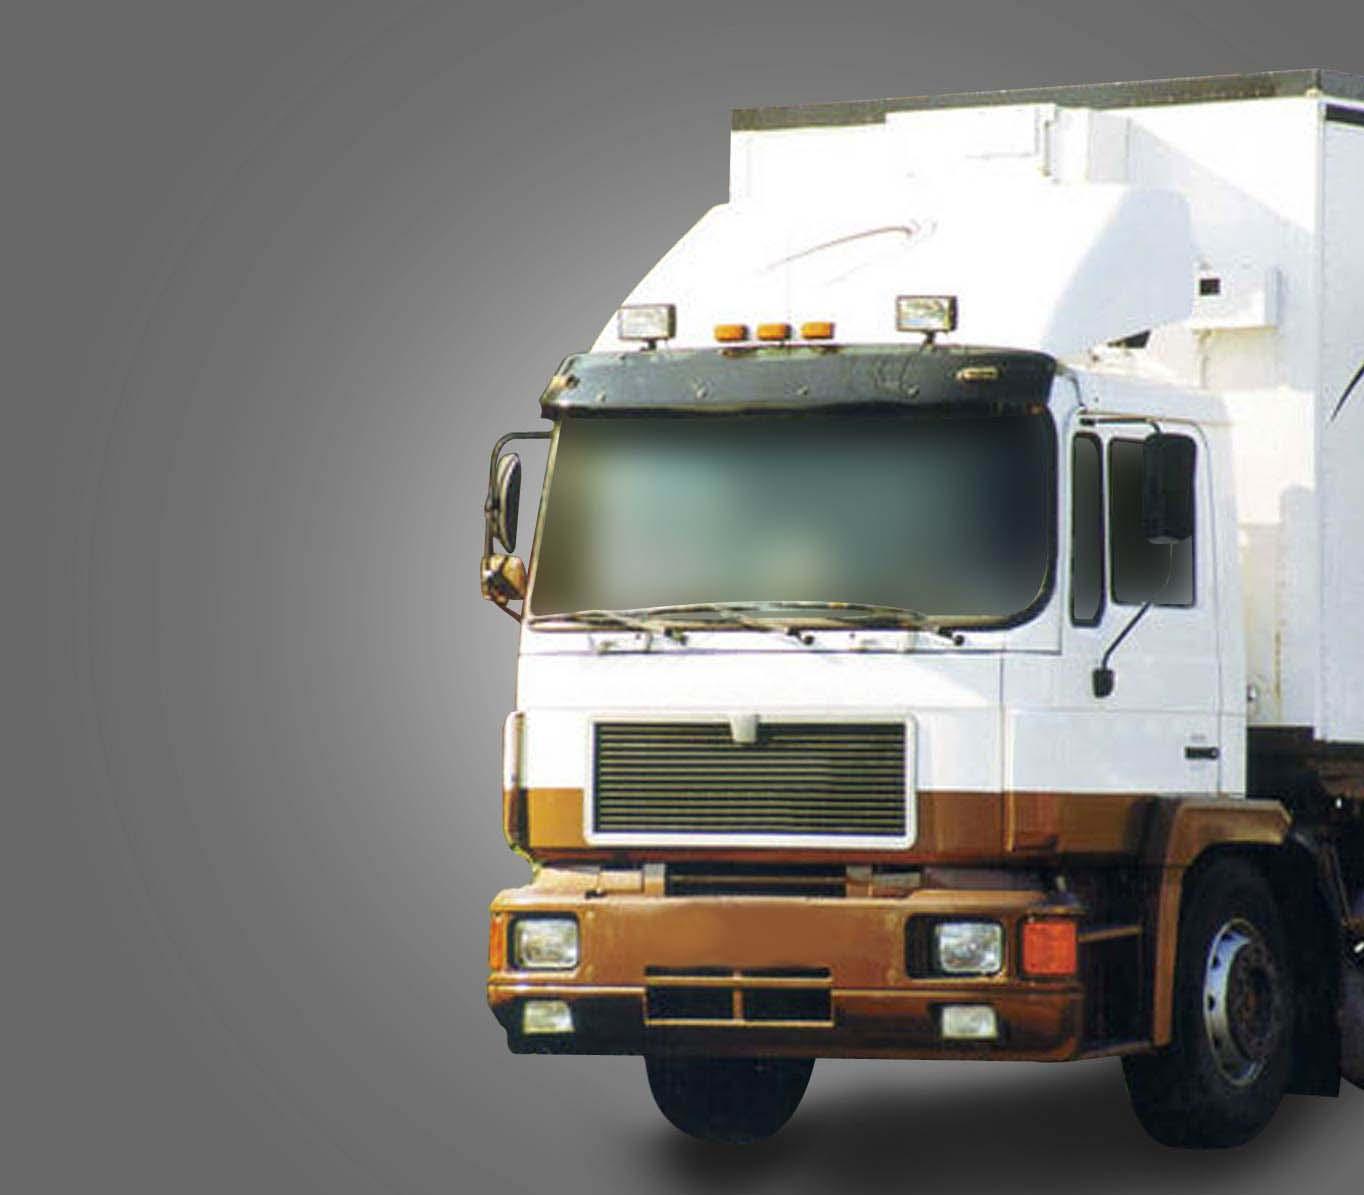 VISIERA PER MAN F2000 - M2000 - F90 - M90 - TETTO BASSO - Larghezza cabina 2280 mm